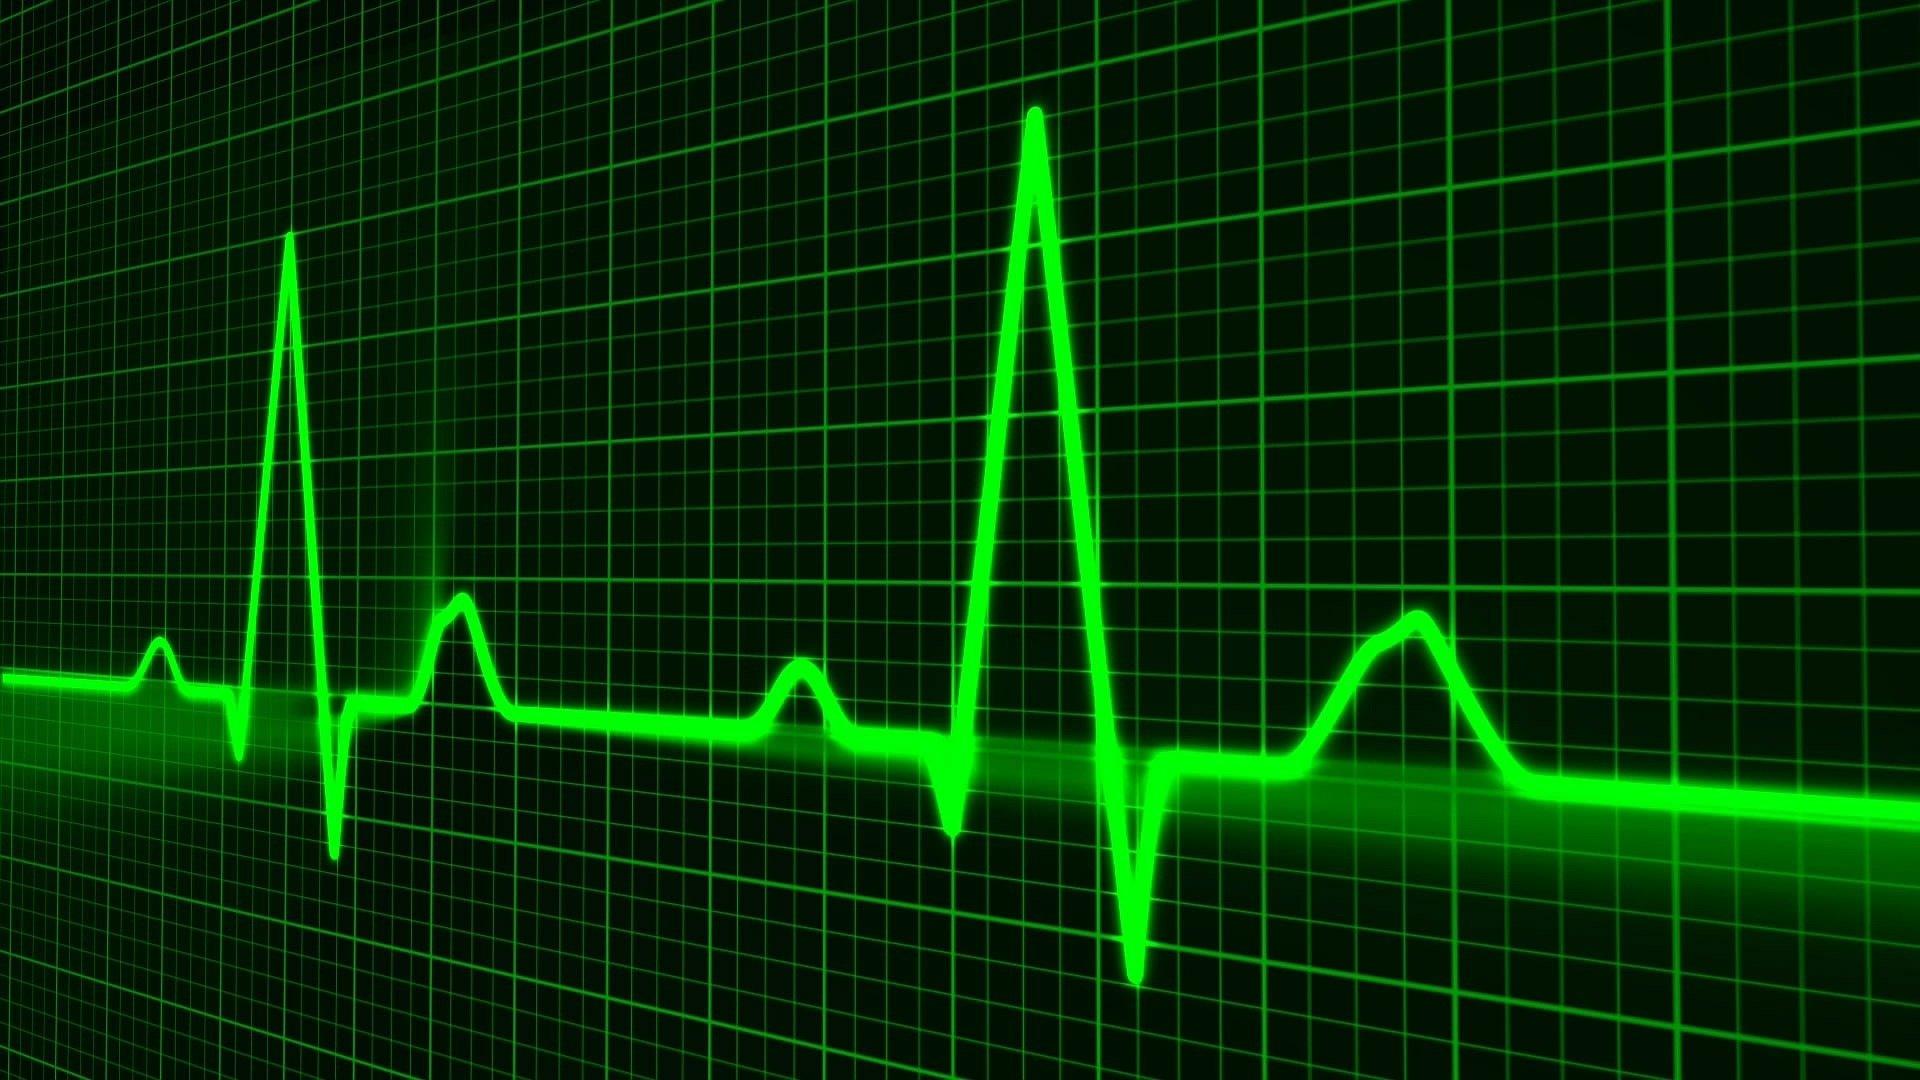 Καρδιά αίμα παλμός: Πως ρυθμίζεται ο μηχανισμός